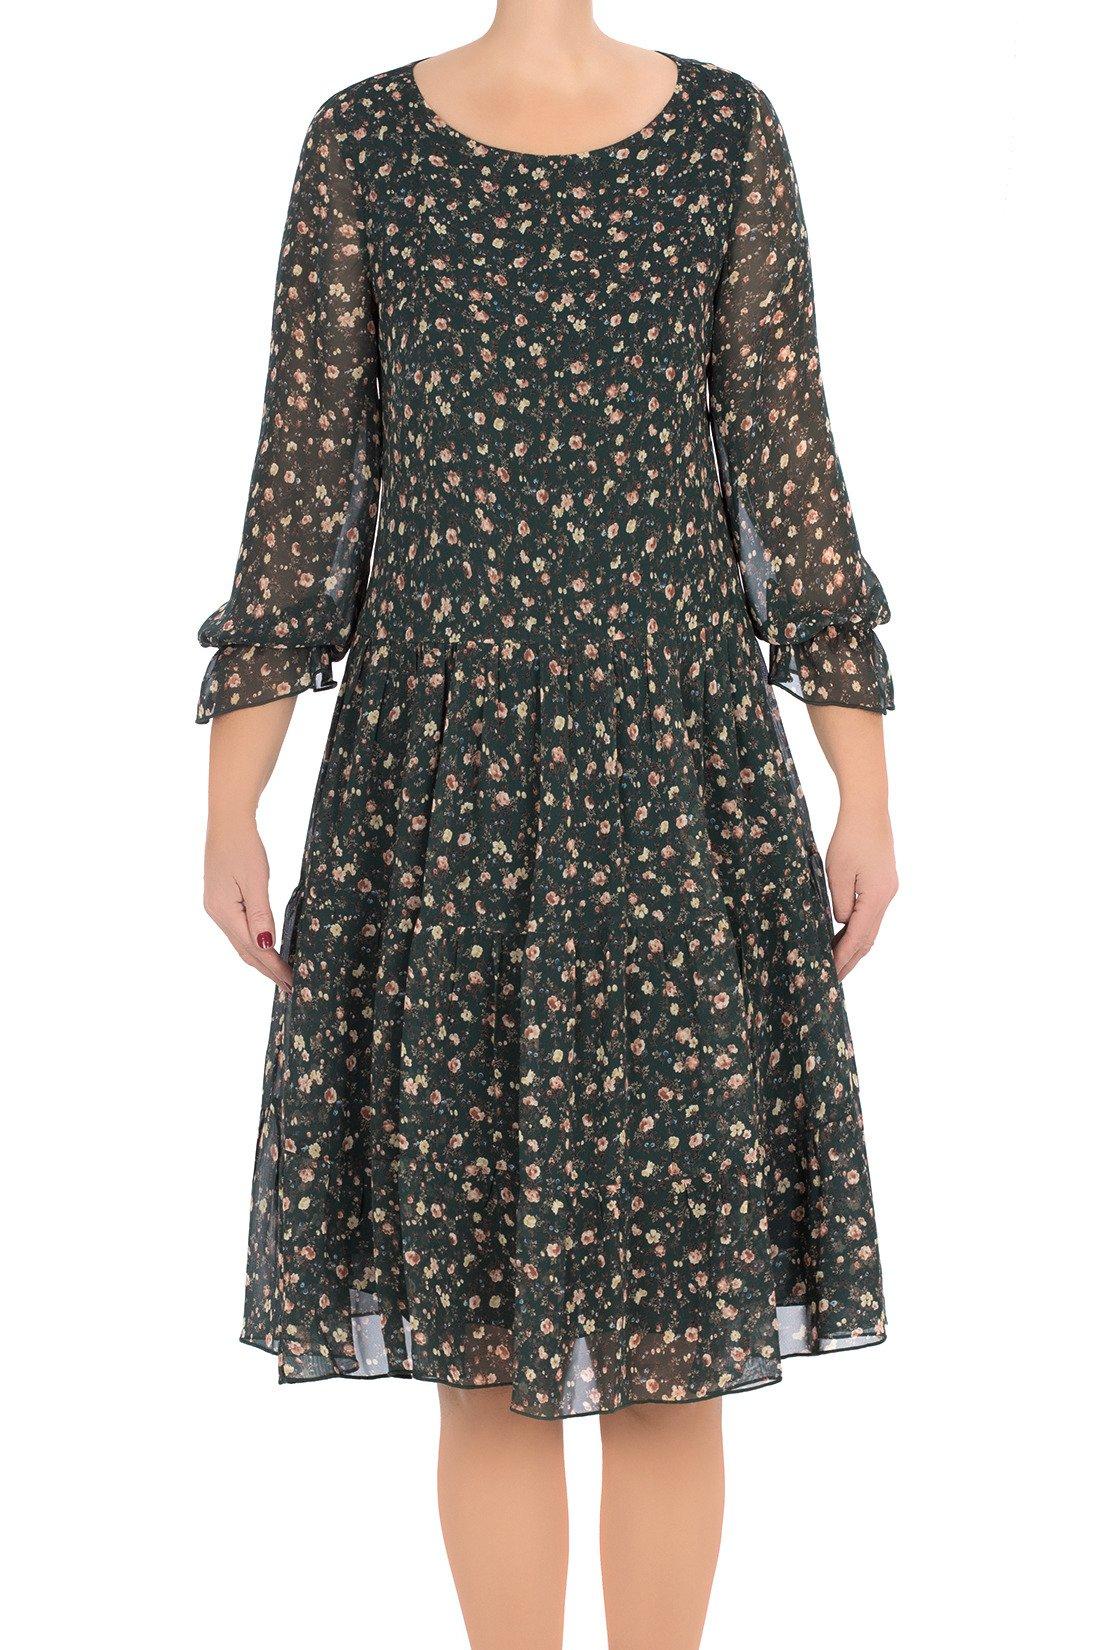 40e77dee45 Zwiewna sukienka Pola zielona w małe kwiaty